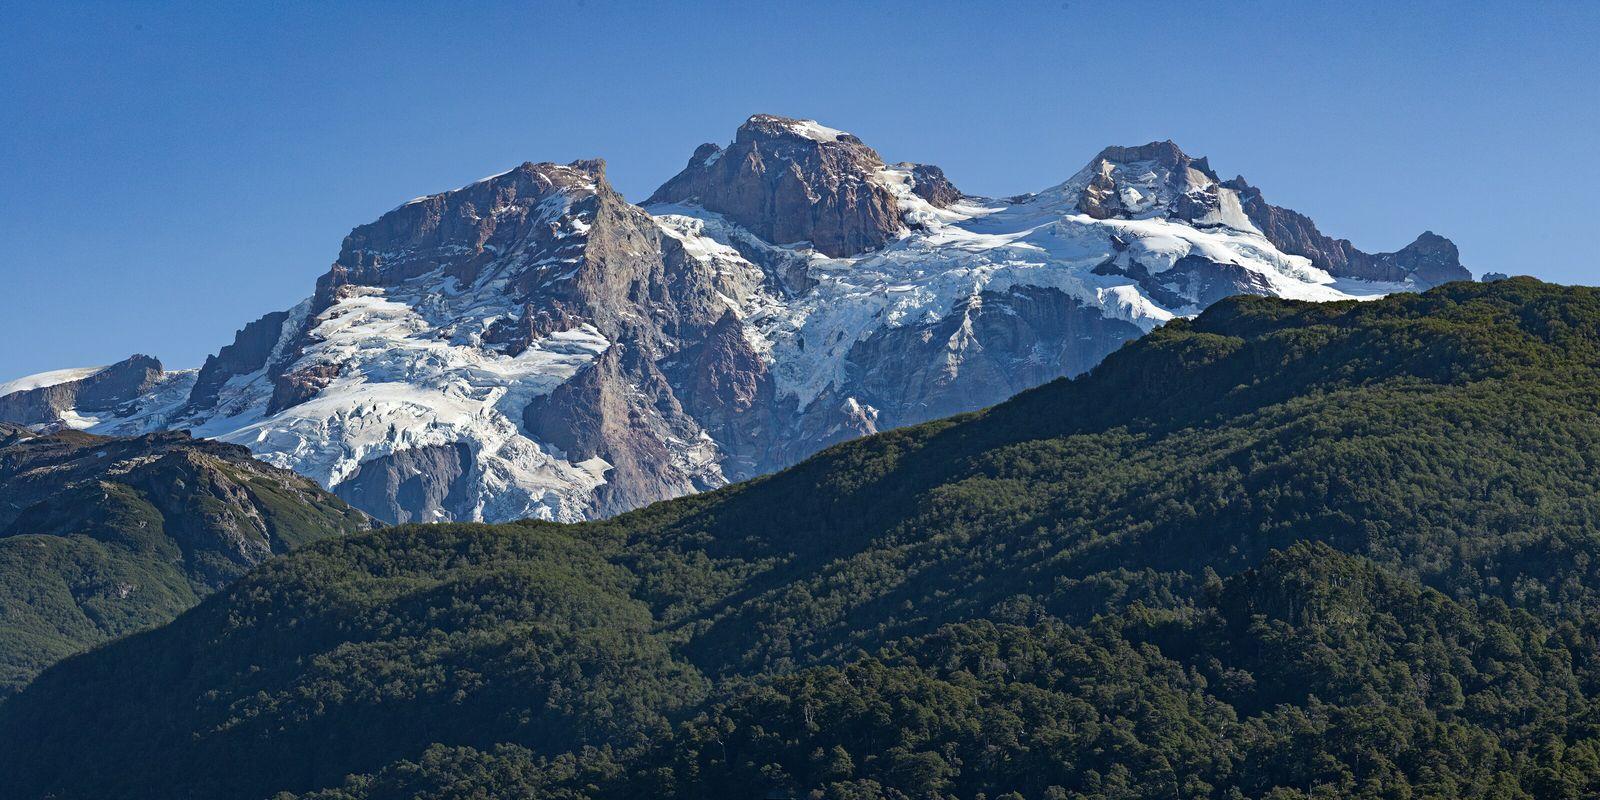 Explora la Patagonia y siente el Espíritu del Sur